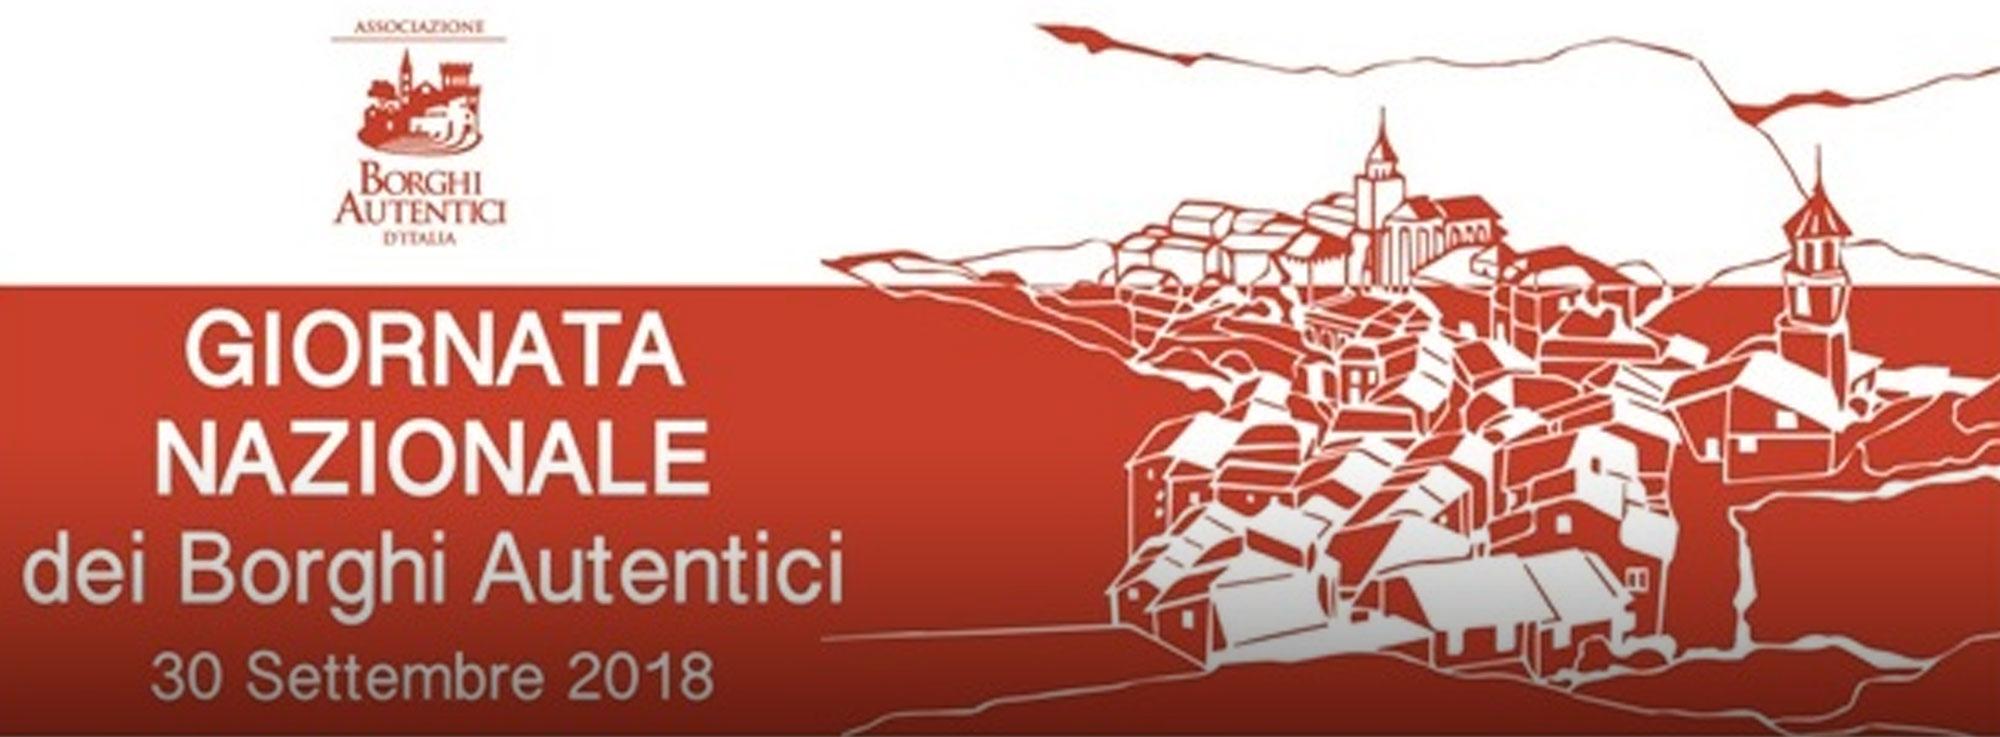 Maruggio: Giornata Nazionale dei Borghi Autentici